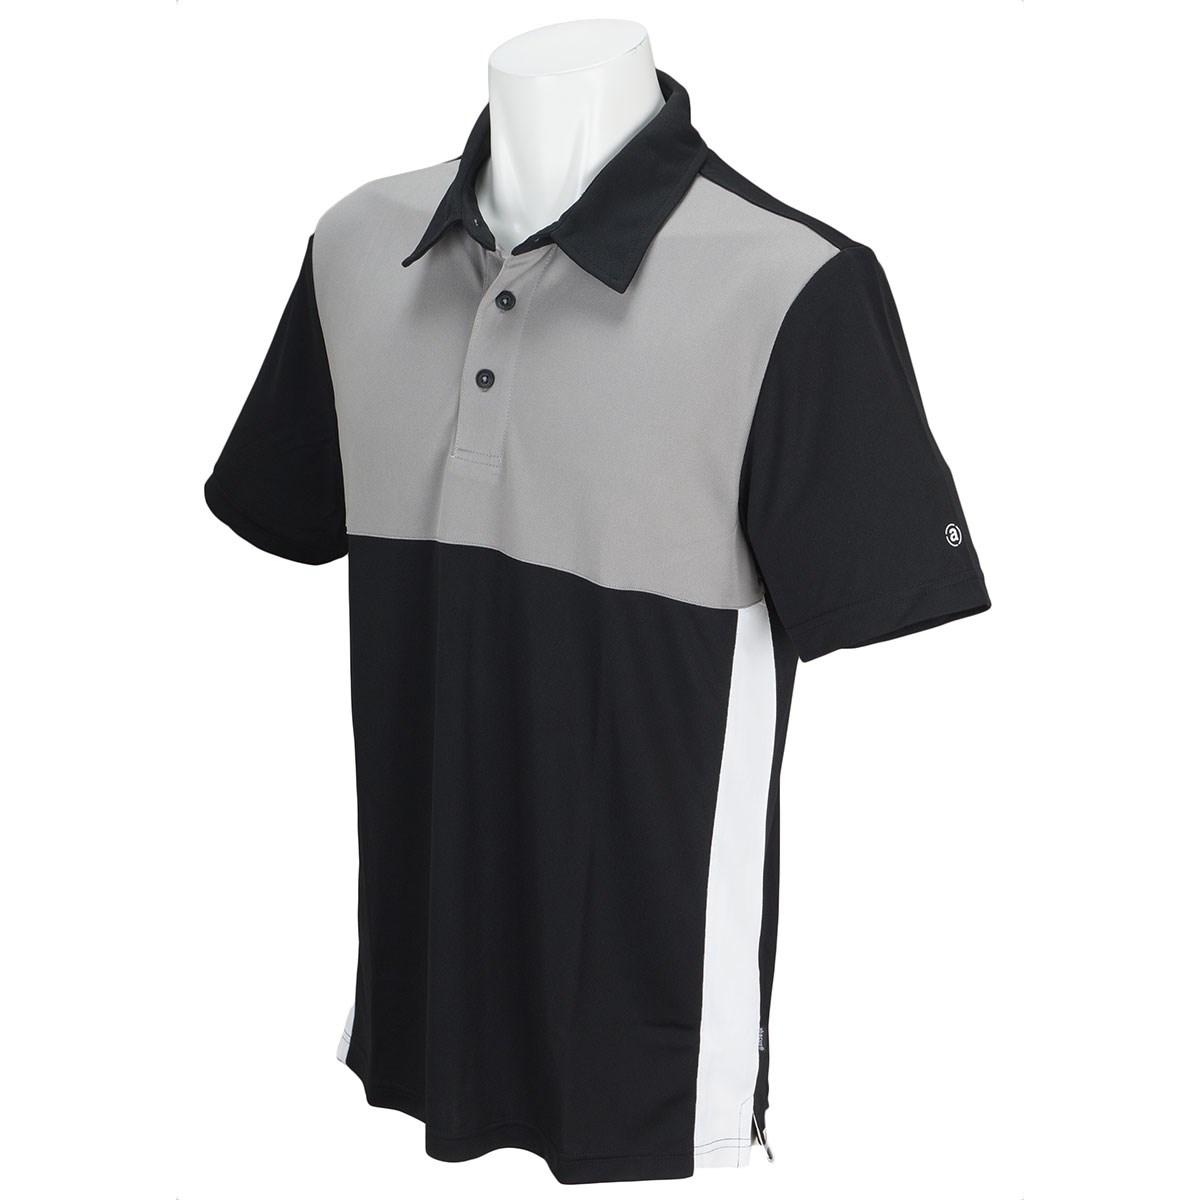 アバカス ABACUS 半袖ポロシャツ S ブラック/グレー